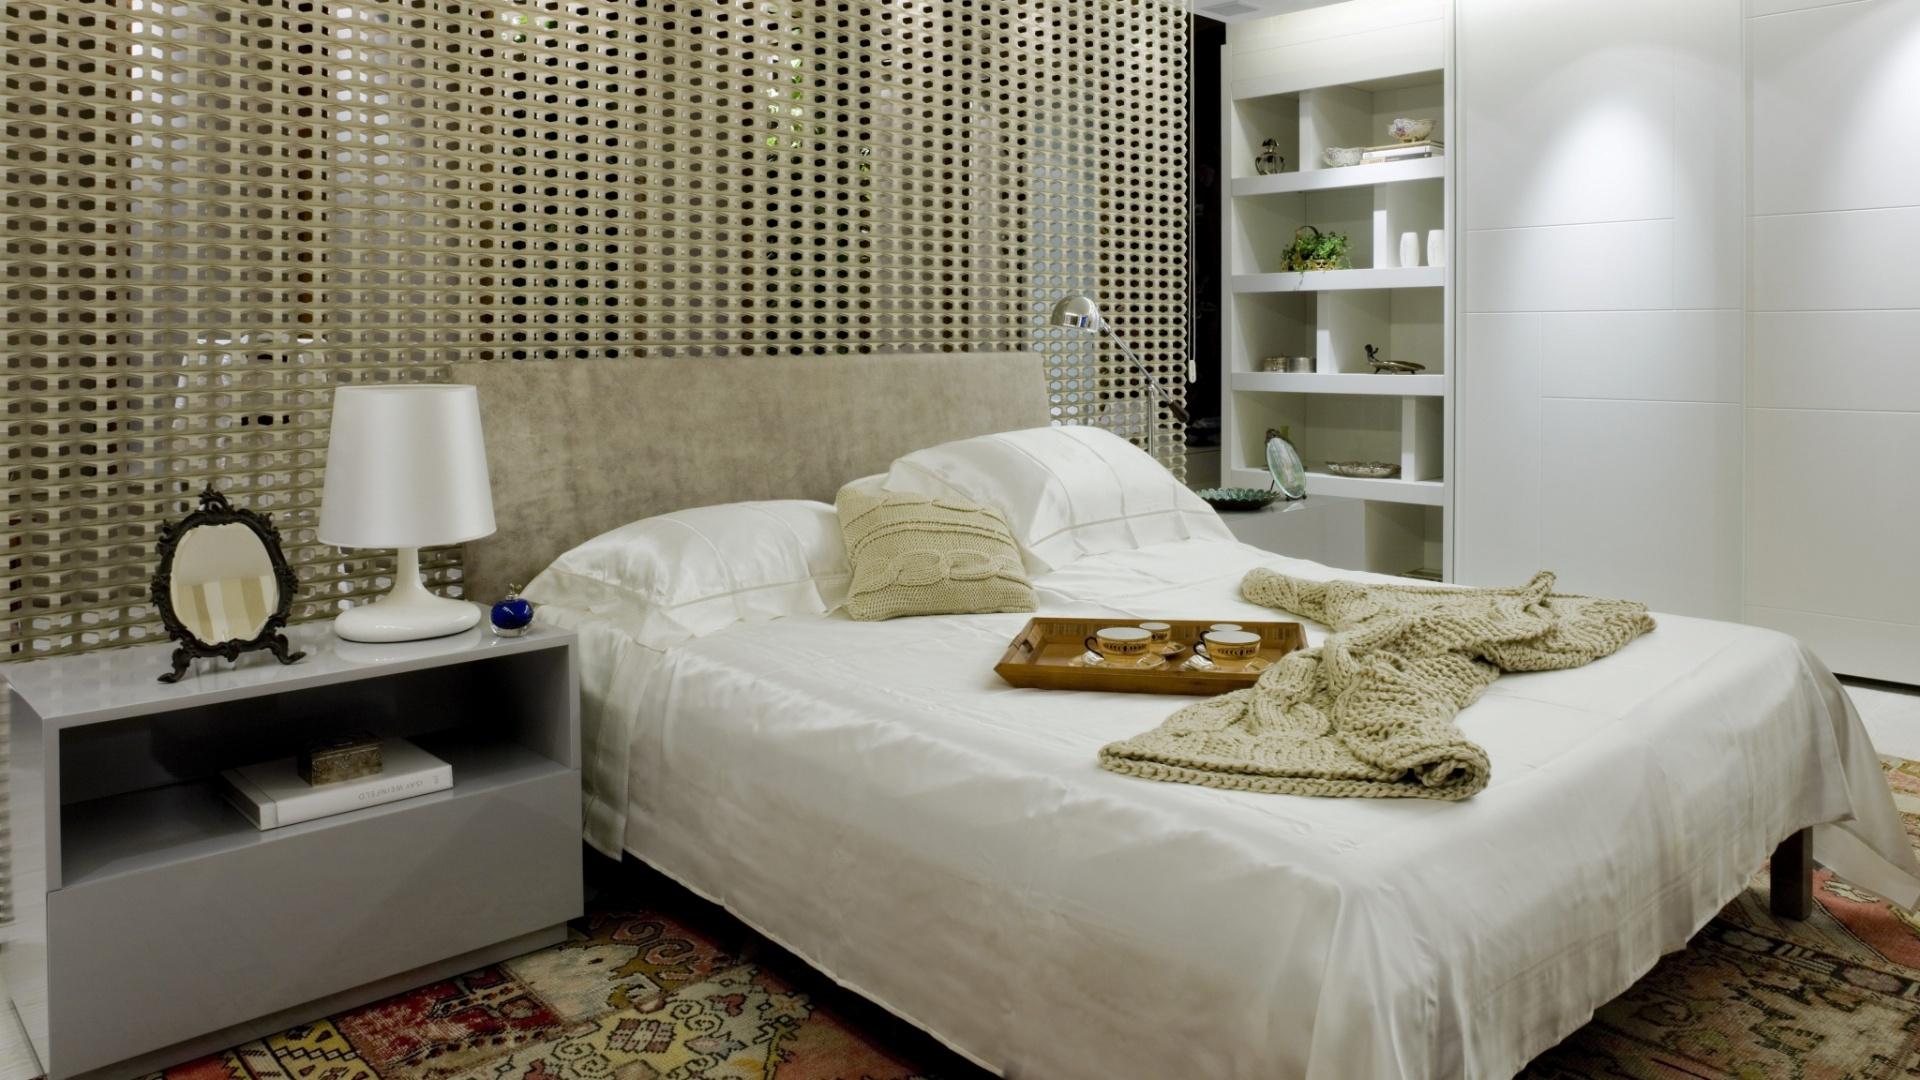 Quarto De Casal Com Closet E Banheiro Moderno E Luxuoso #272B5D 1920 1080